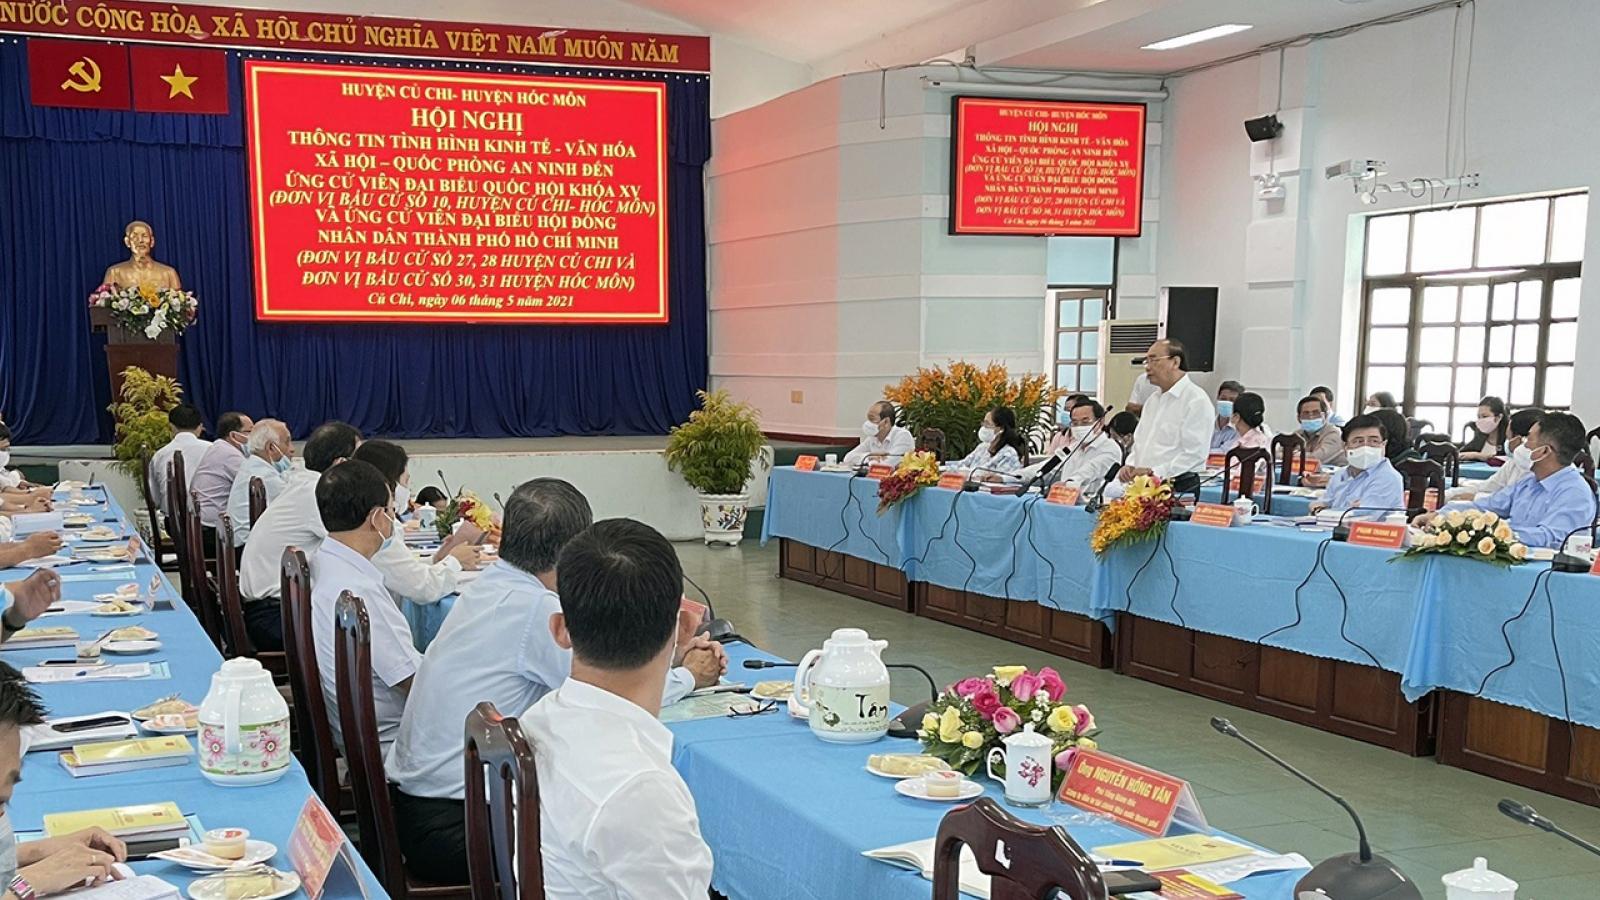 Chủ tịch nước dự hội nghị thông tin về KT-XHcho ứng cử viên Đại biểu Quốc hội